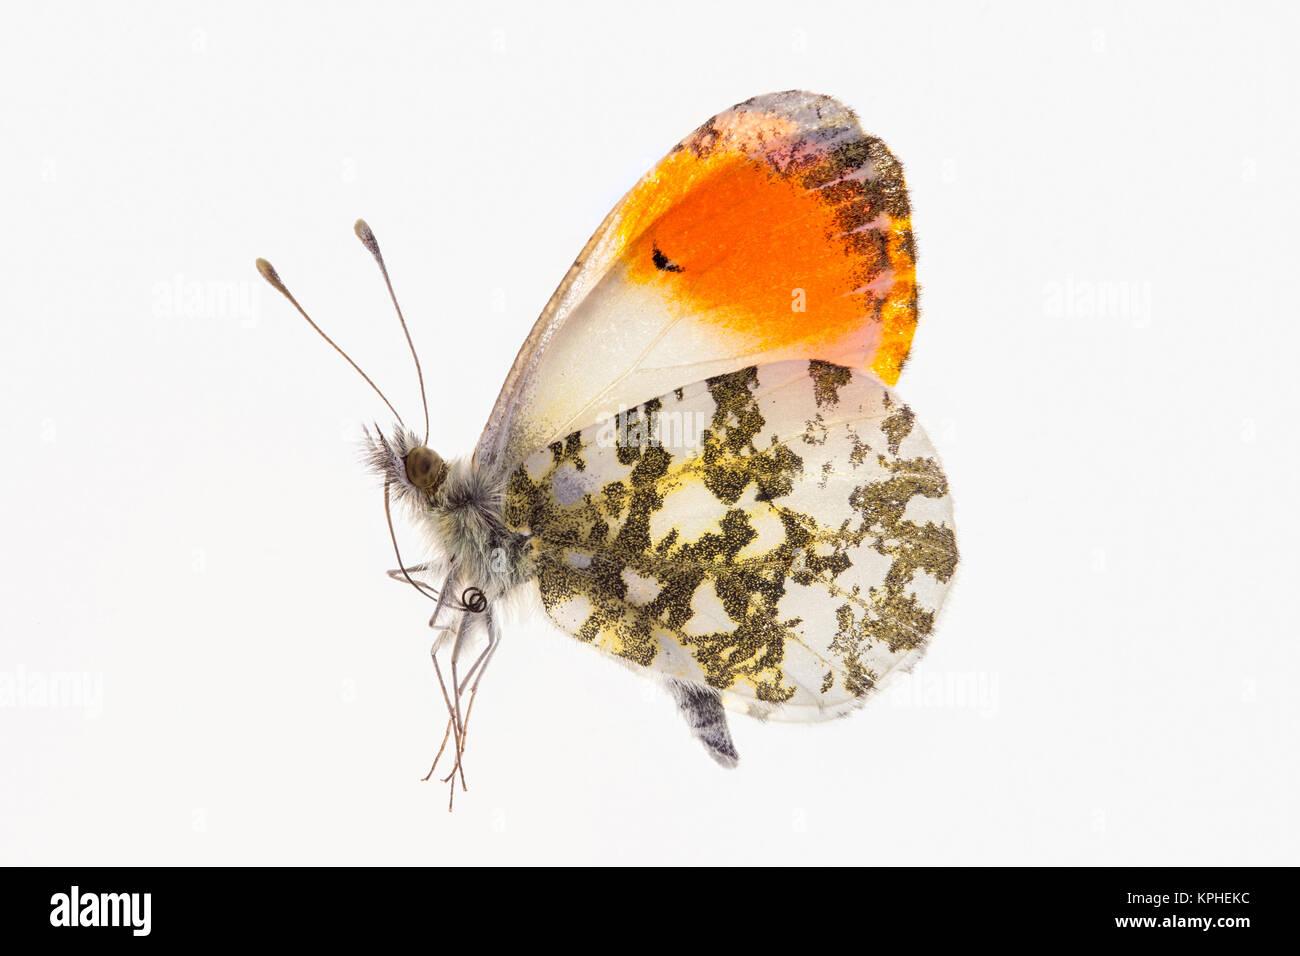 Maschio punta arancione farfalla ~ esemplari morti su un retroilluminato con sfondo bianco Immagini Stock